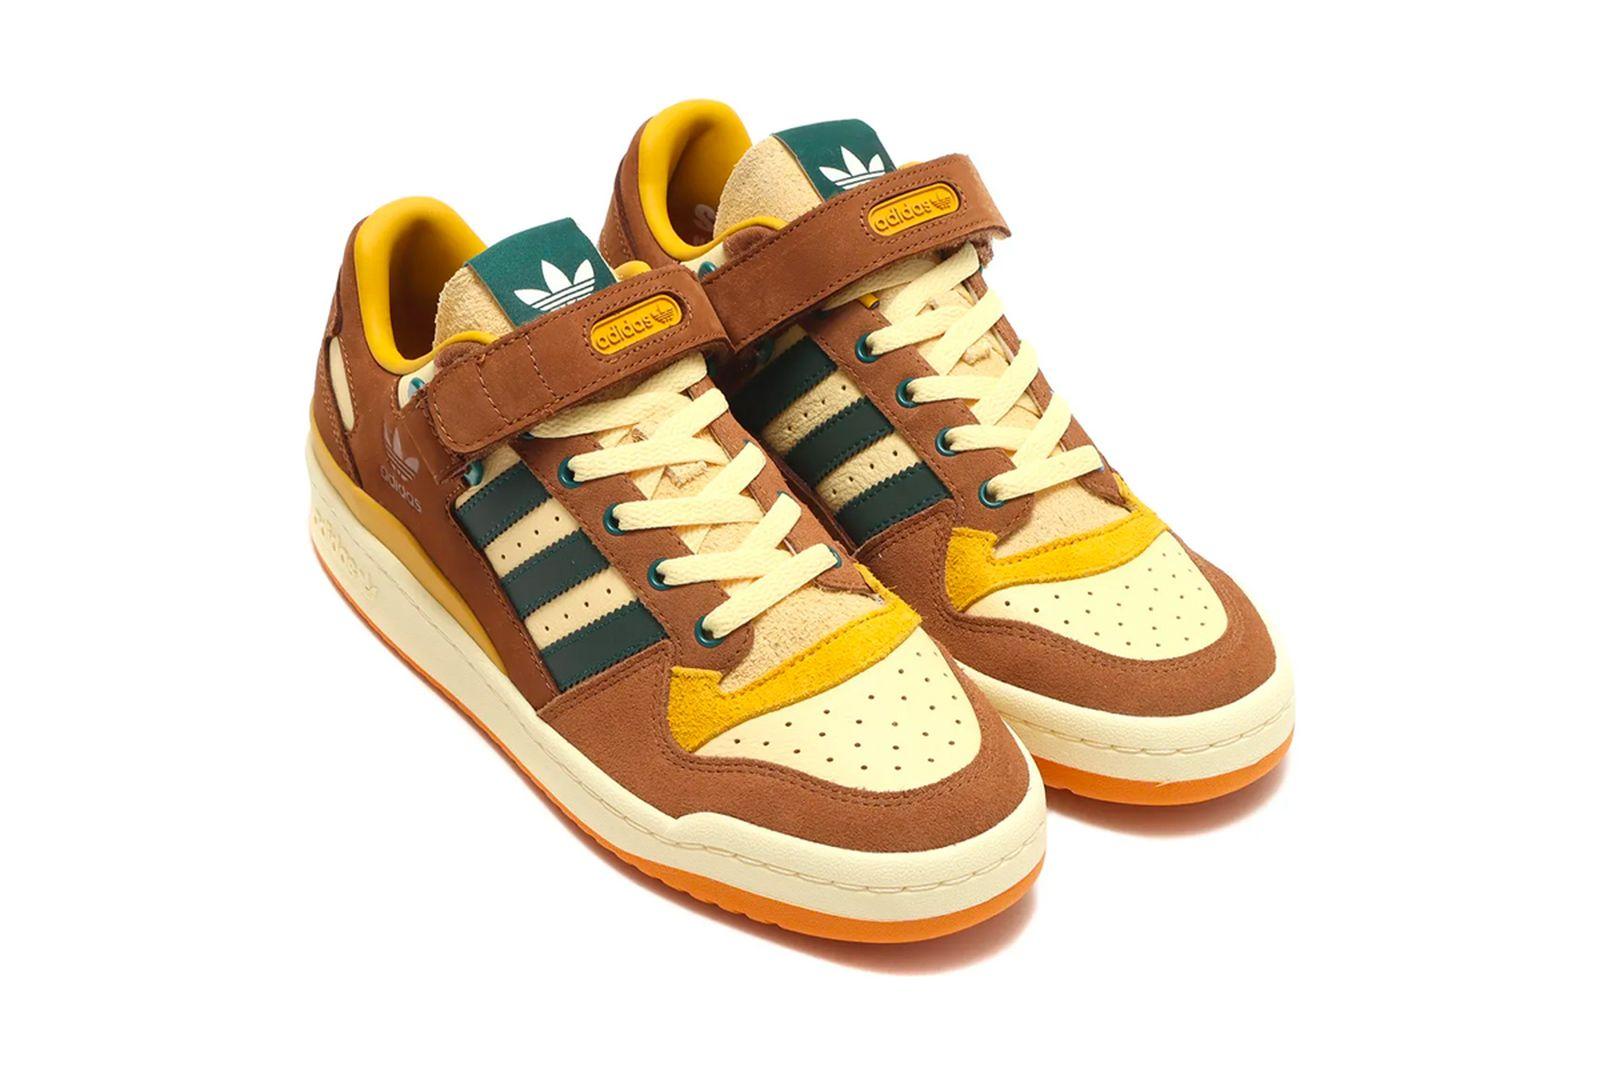 adidas-originals-atmos-yoyogi-park-pack-01